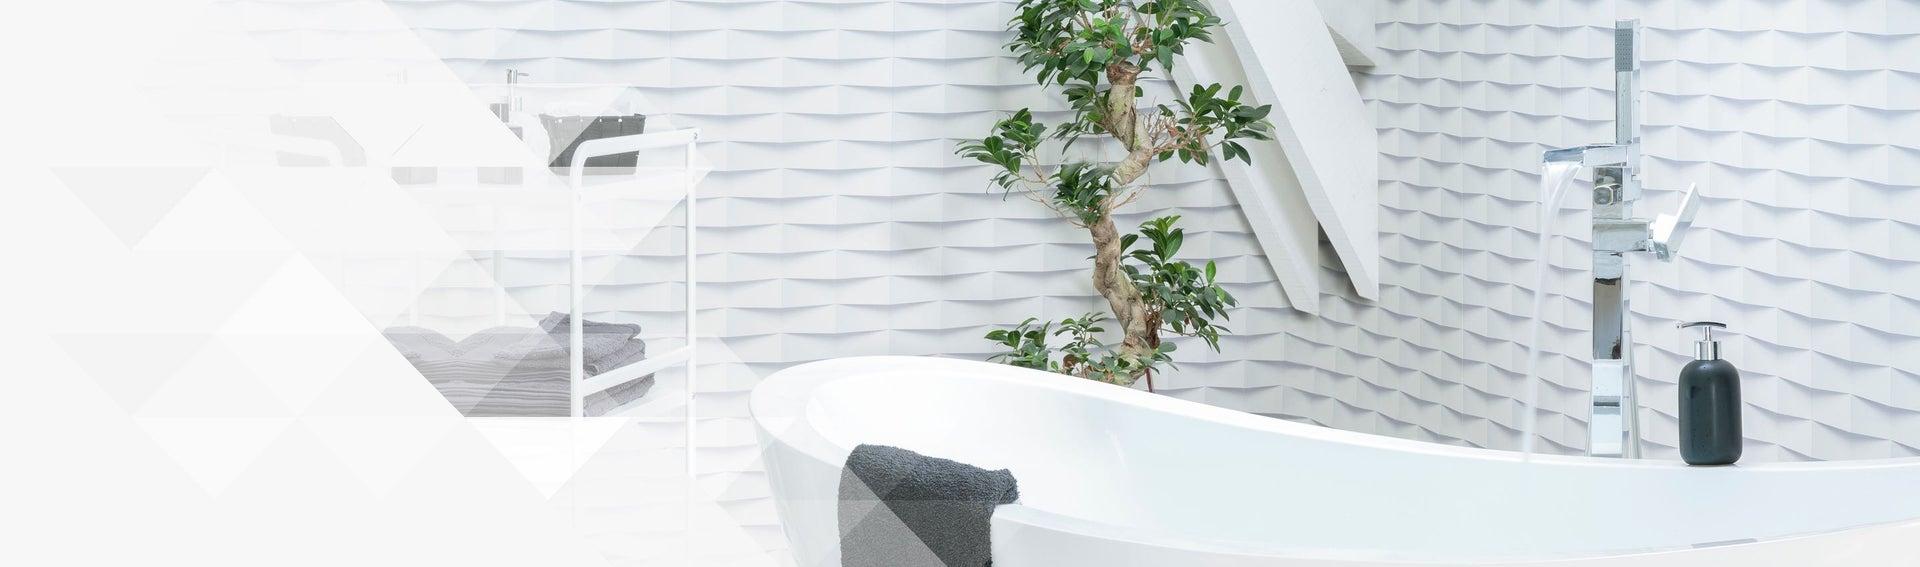 lambris pvc lambris bois parquet et plancher construction menuiserie leroy merlin. Black Bedroom Furniture Sets. Home Design Ideas